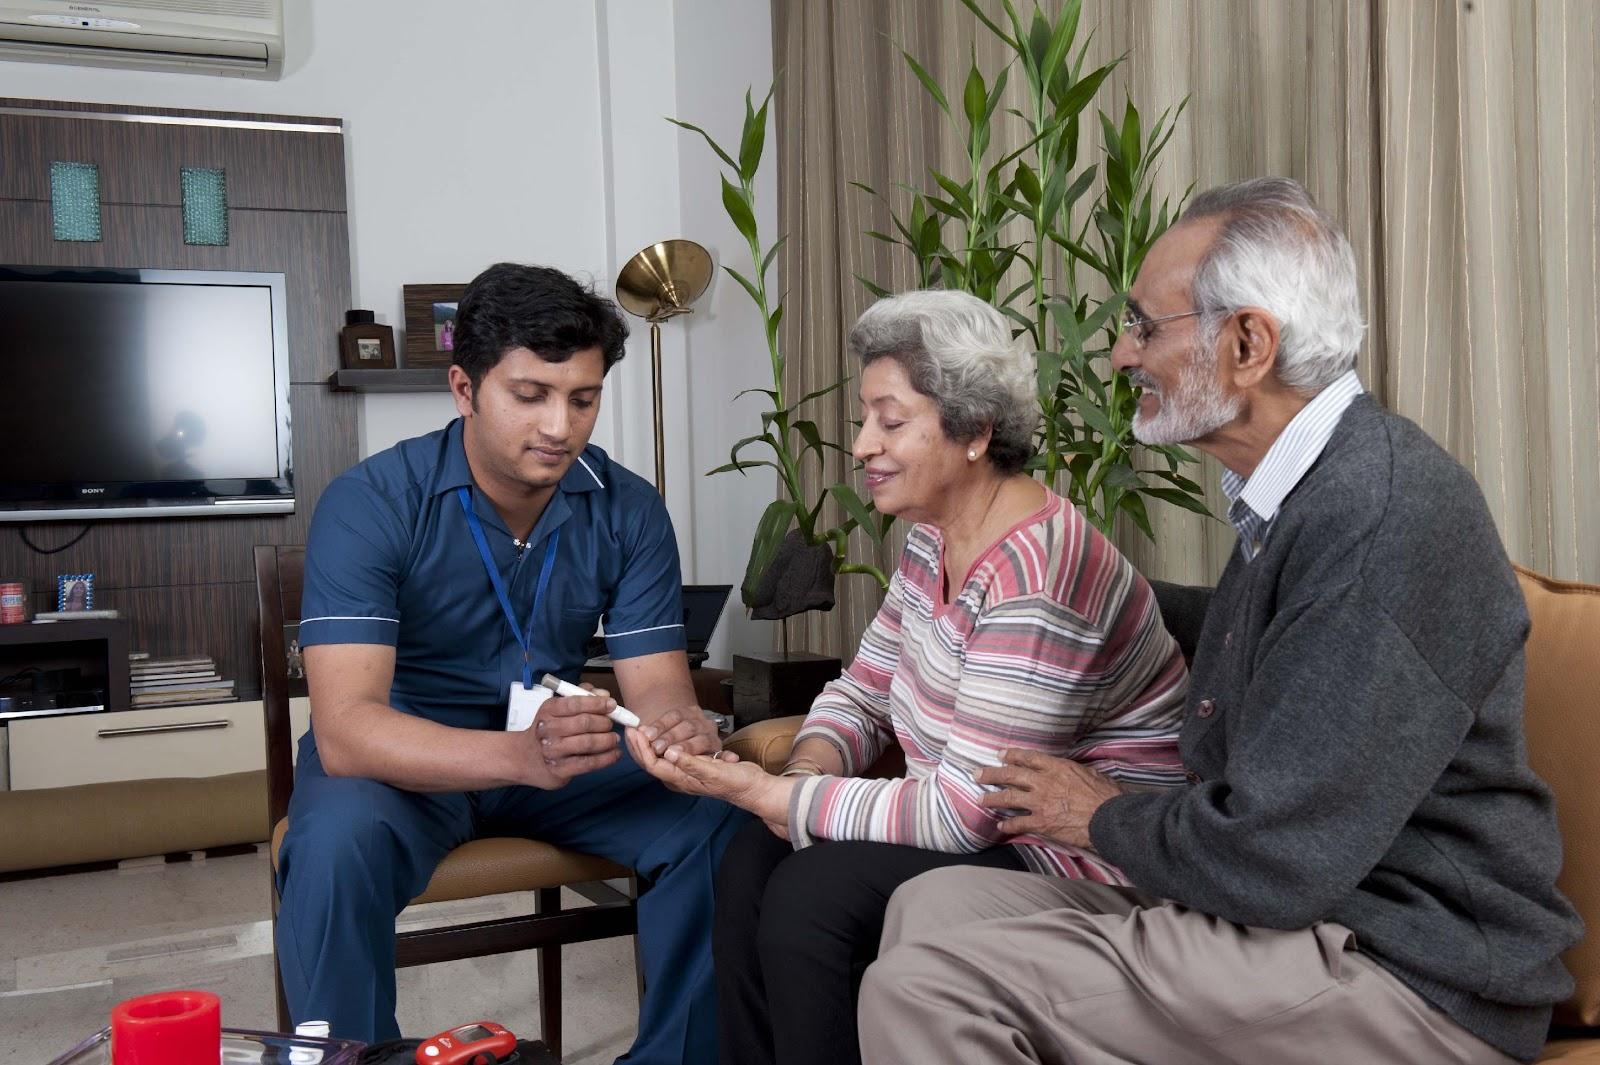 Senior Care Services in Bangalore